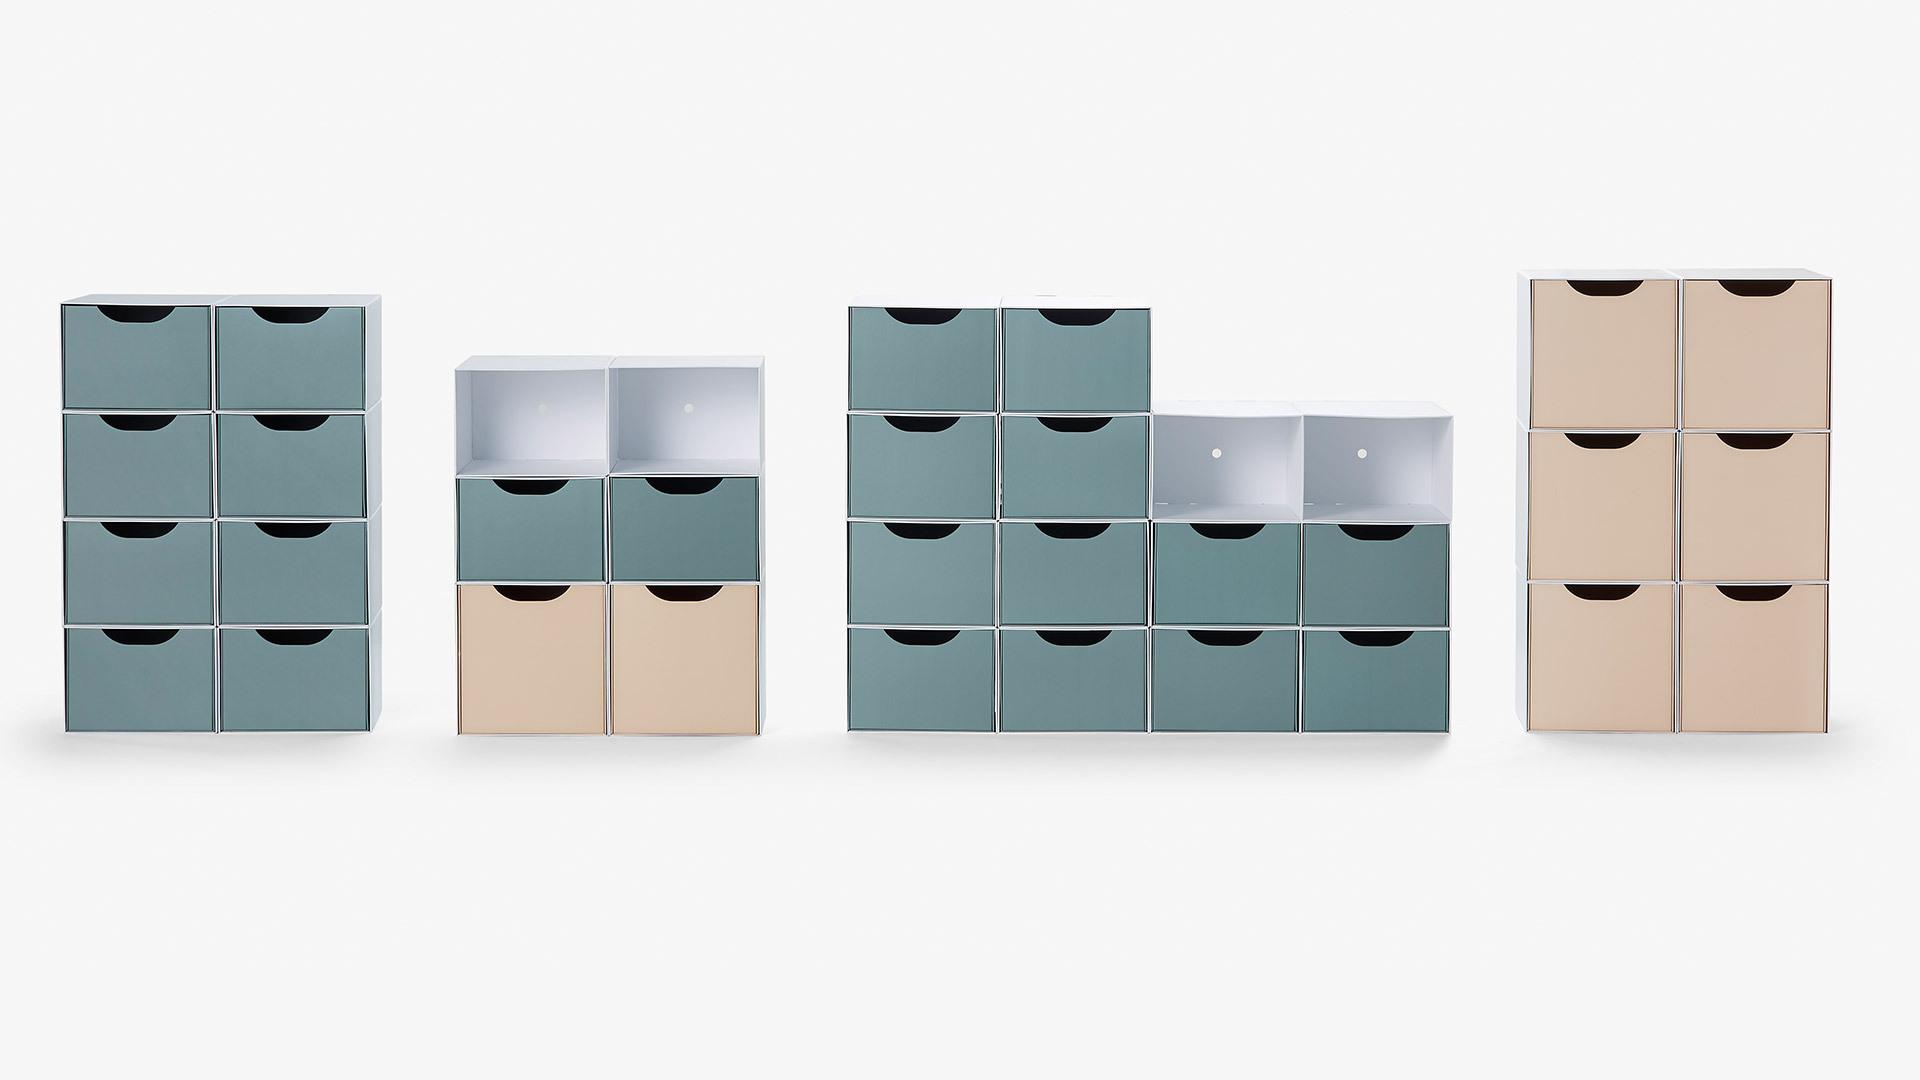 百种柜架适配更多空间